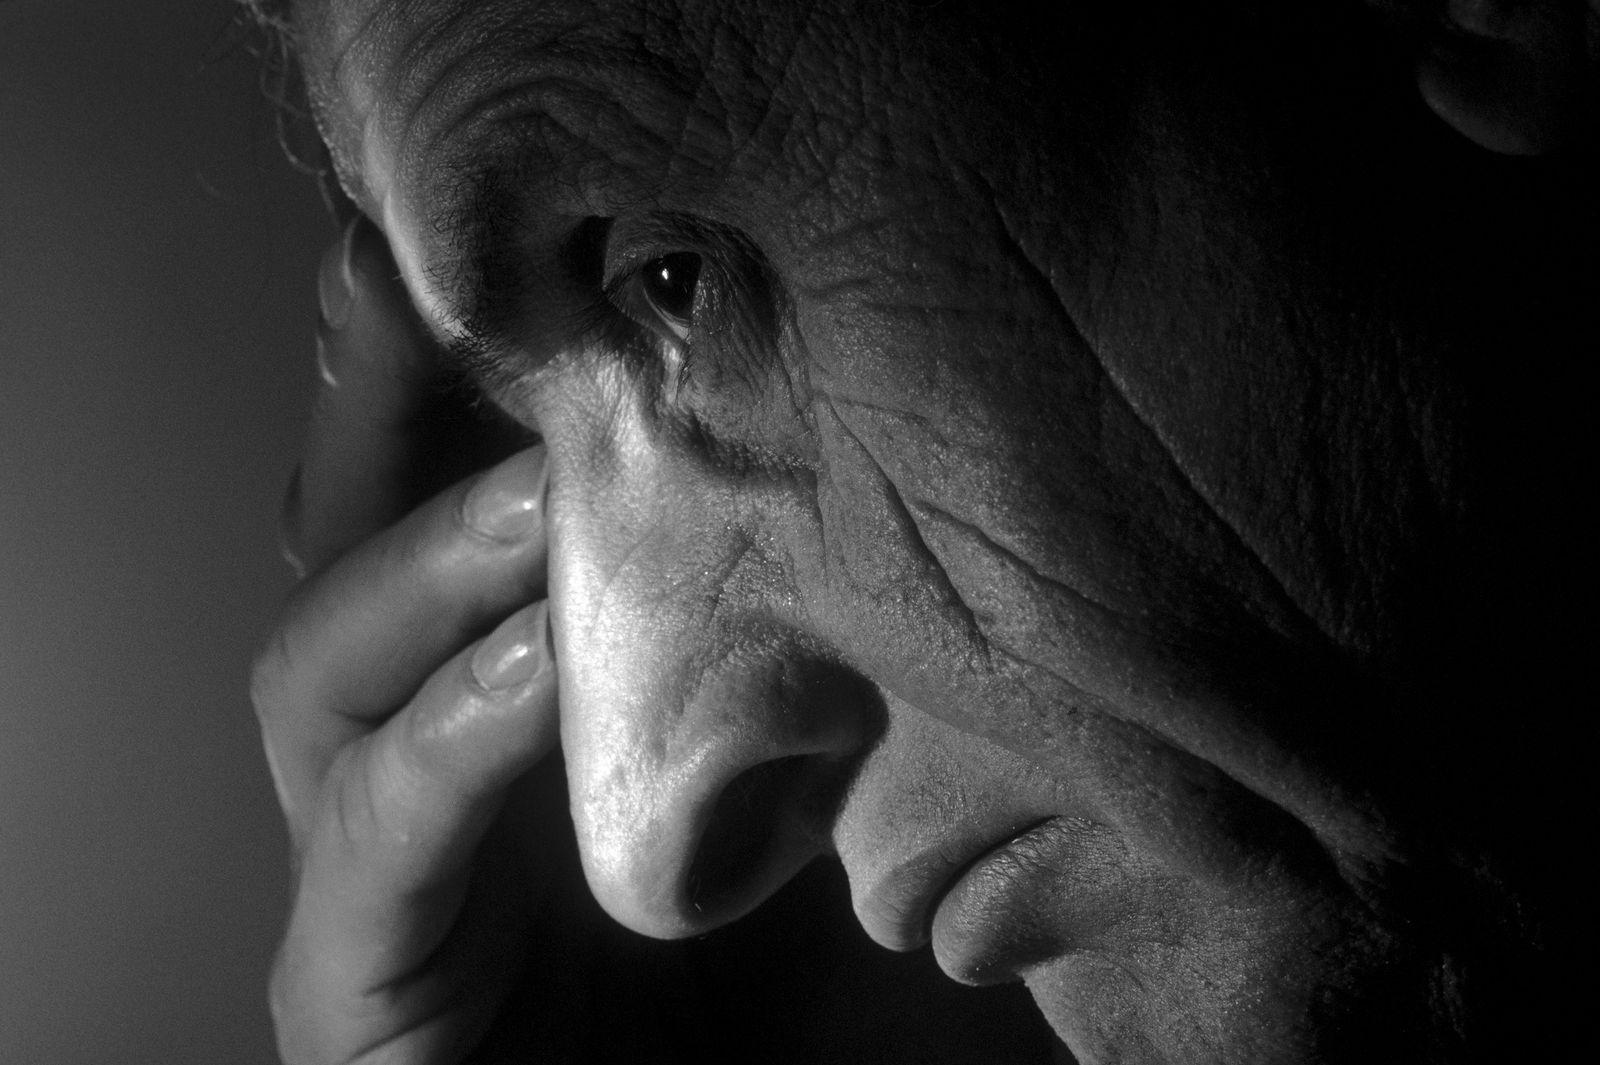 NICHT MEHR VERWENDEN! - Stress/ Trauer/ Depression/ Probleme